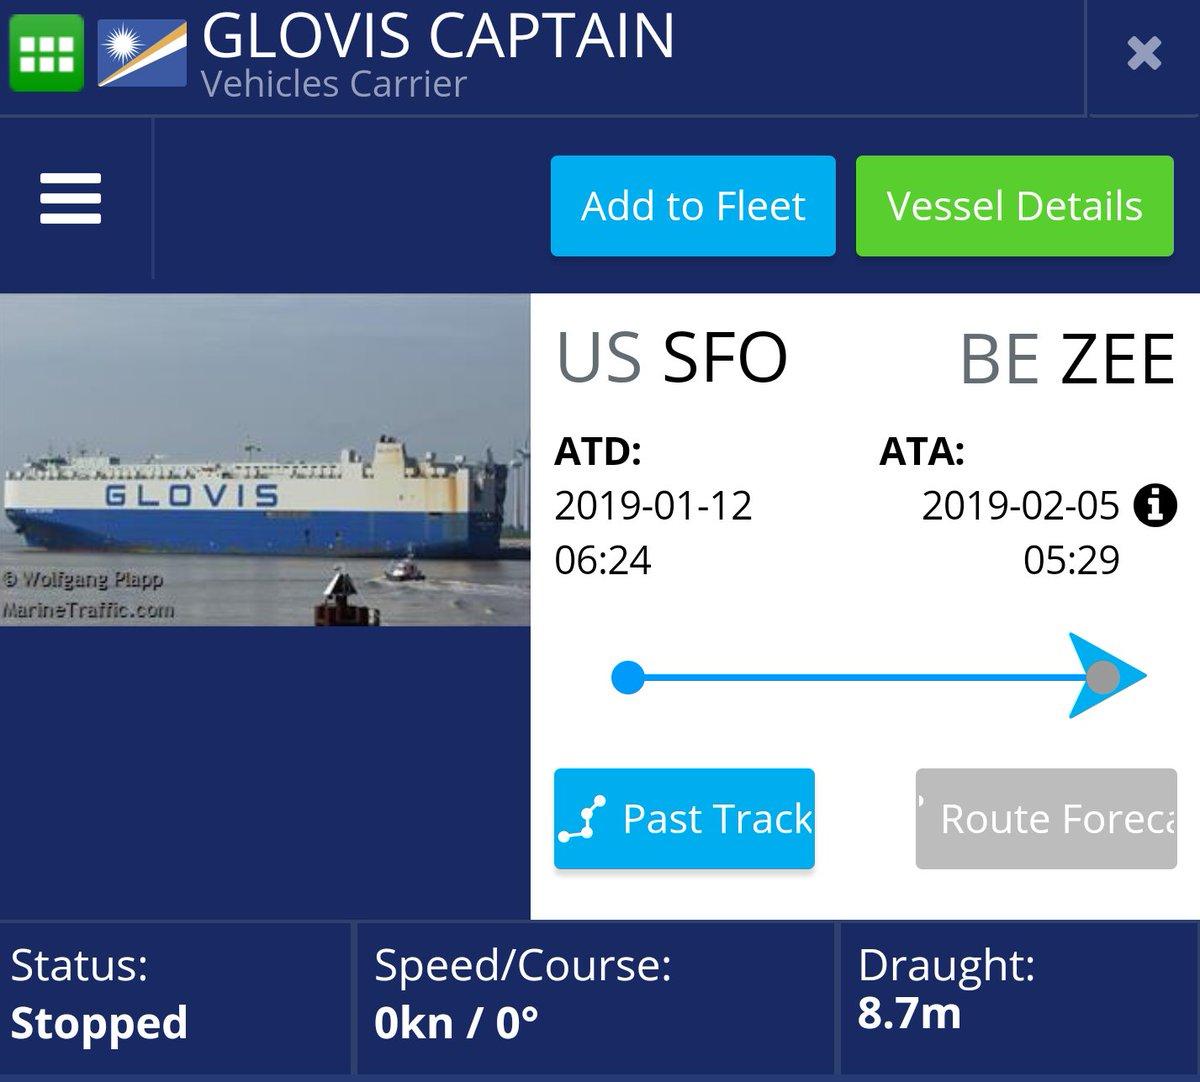 Glovis Captain reaches Port of Zeebrugge, Belgium carrying Tesla Model 3 EVs